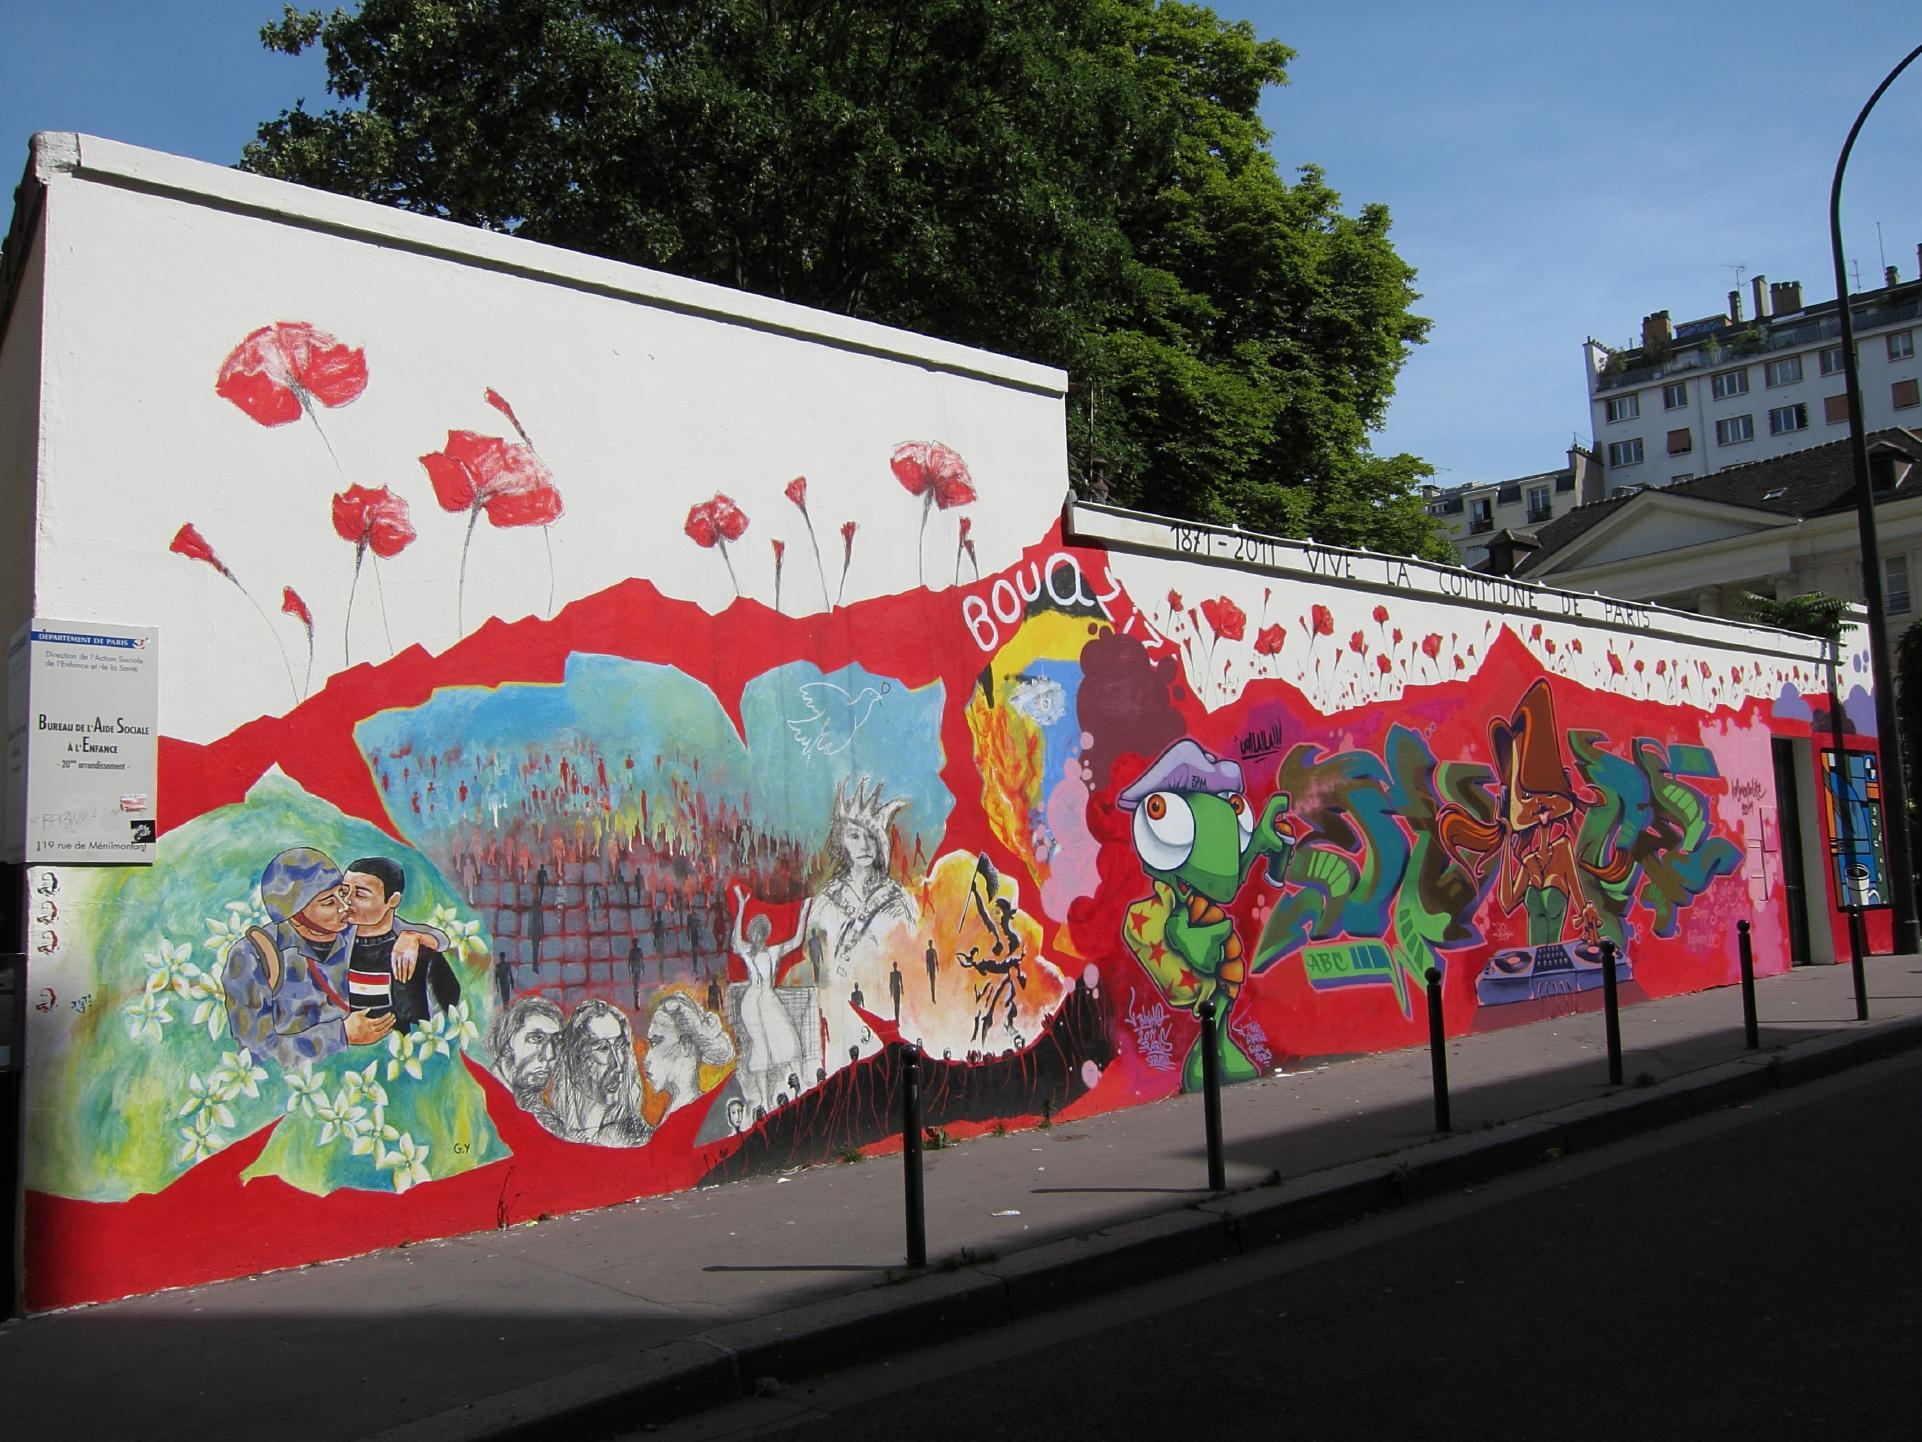 Vive La Commune de Paris